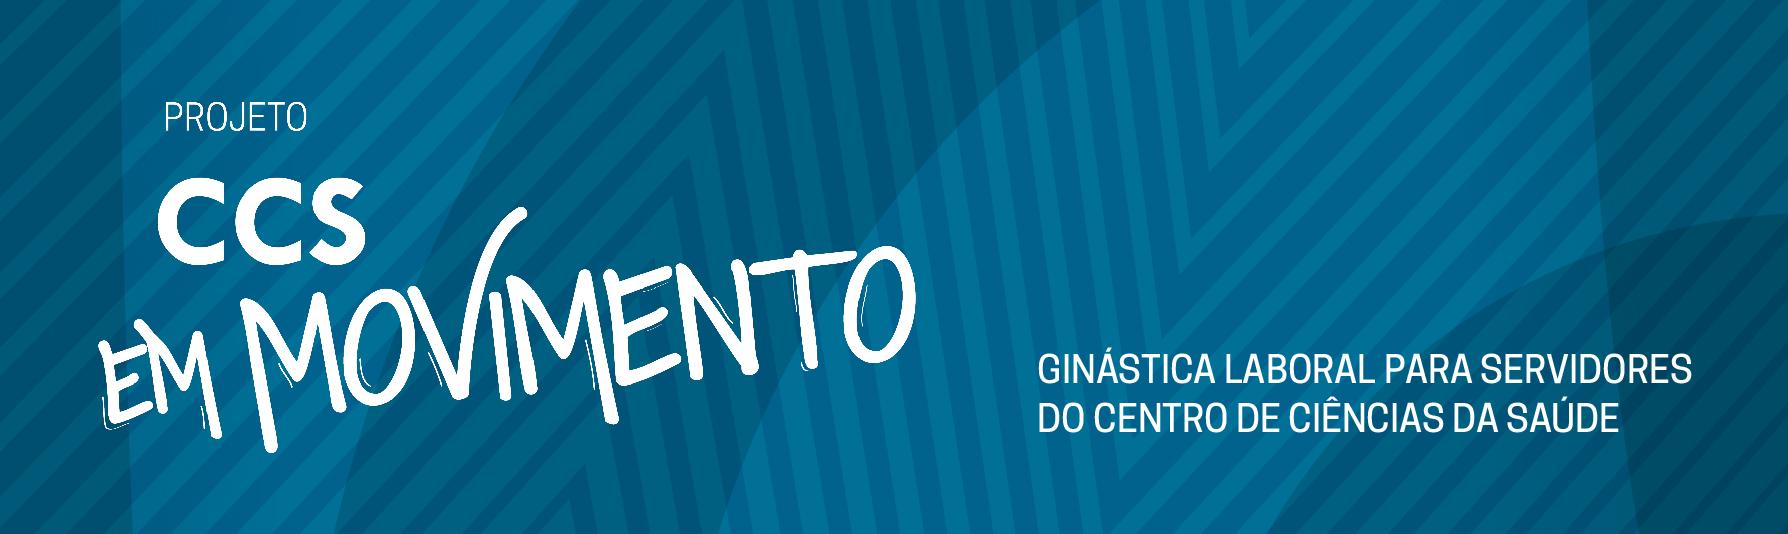 Projeto CCS em Movimento banner para site